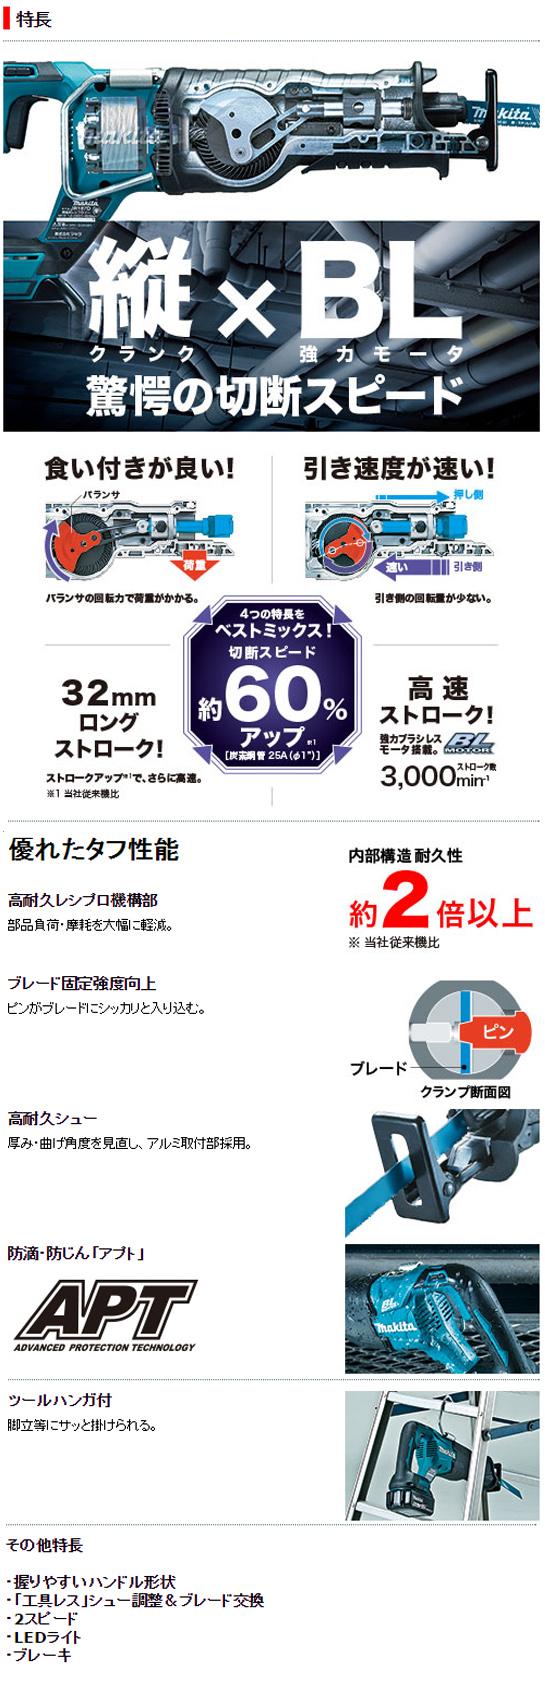 マキタ 18V充電式レシプロソー JR187D